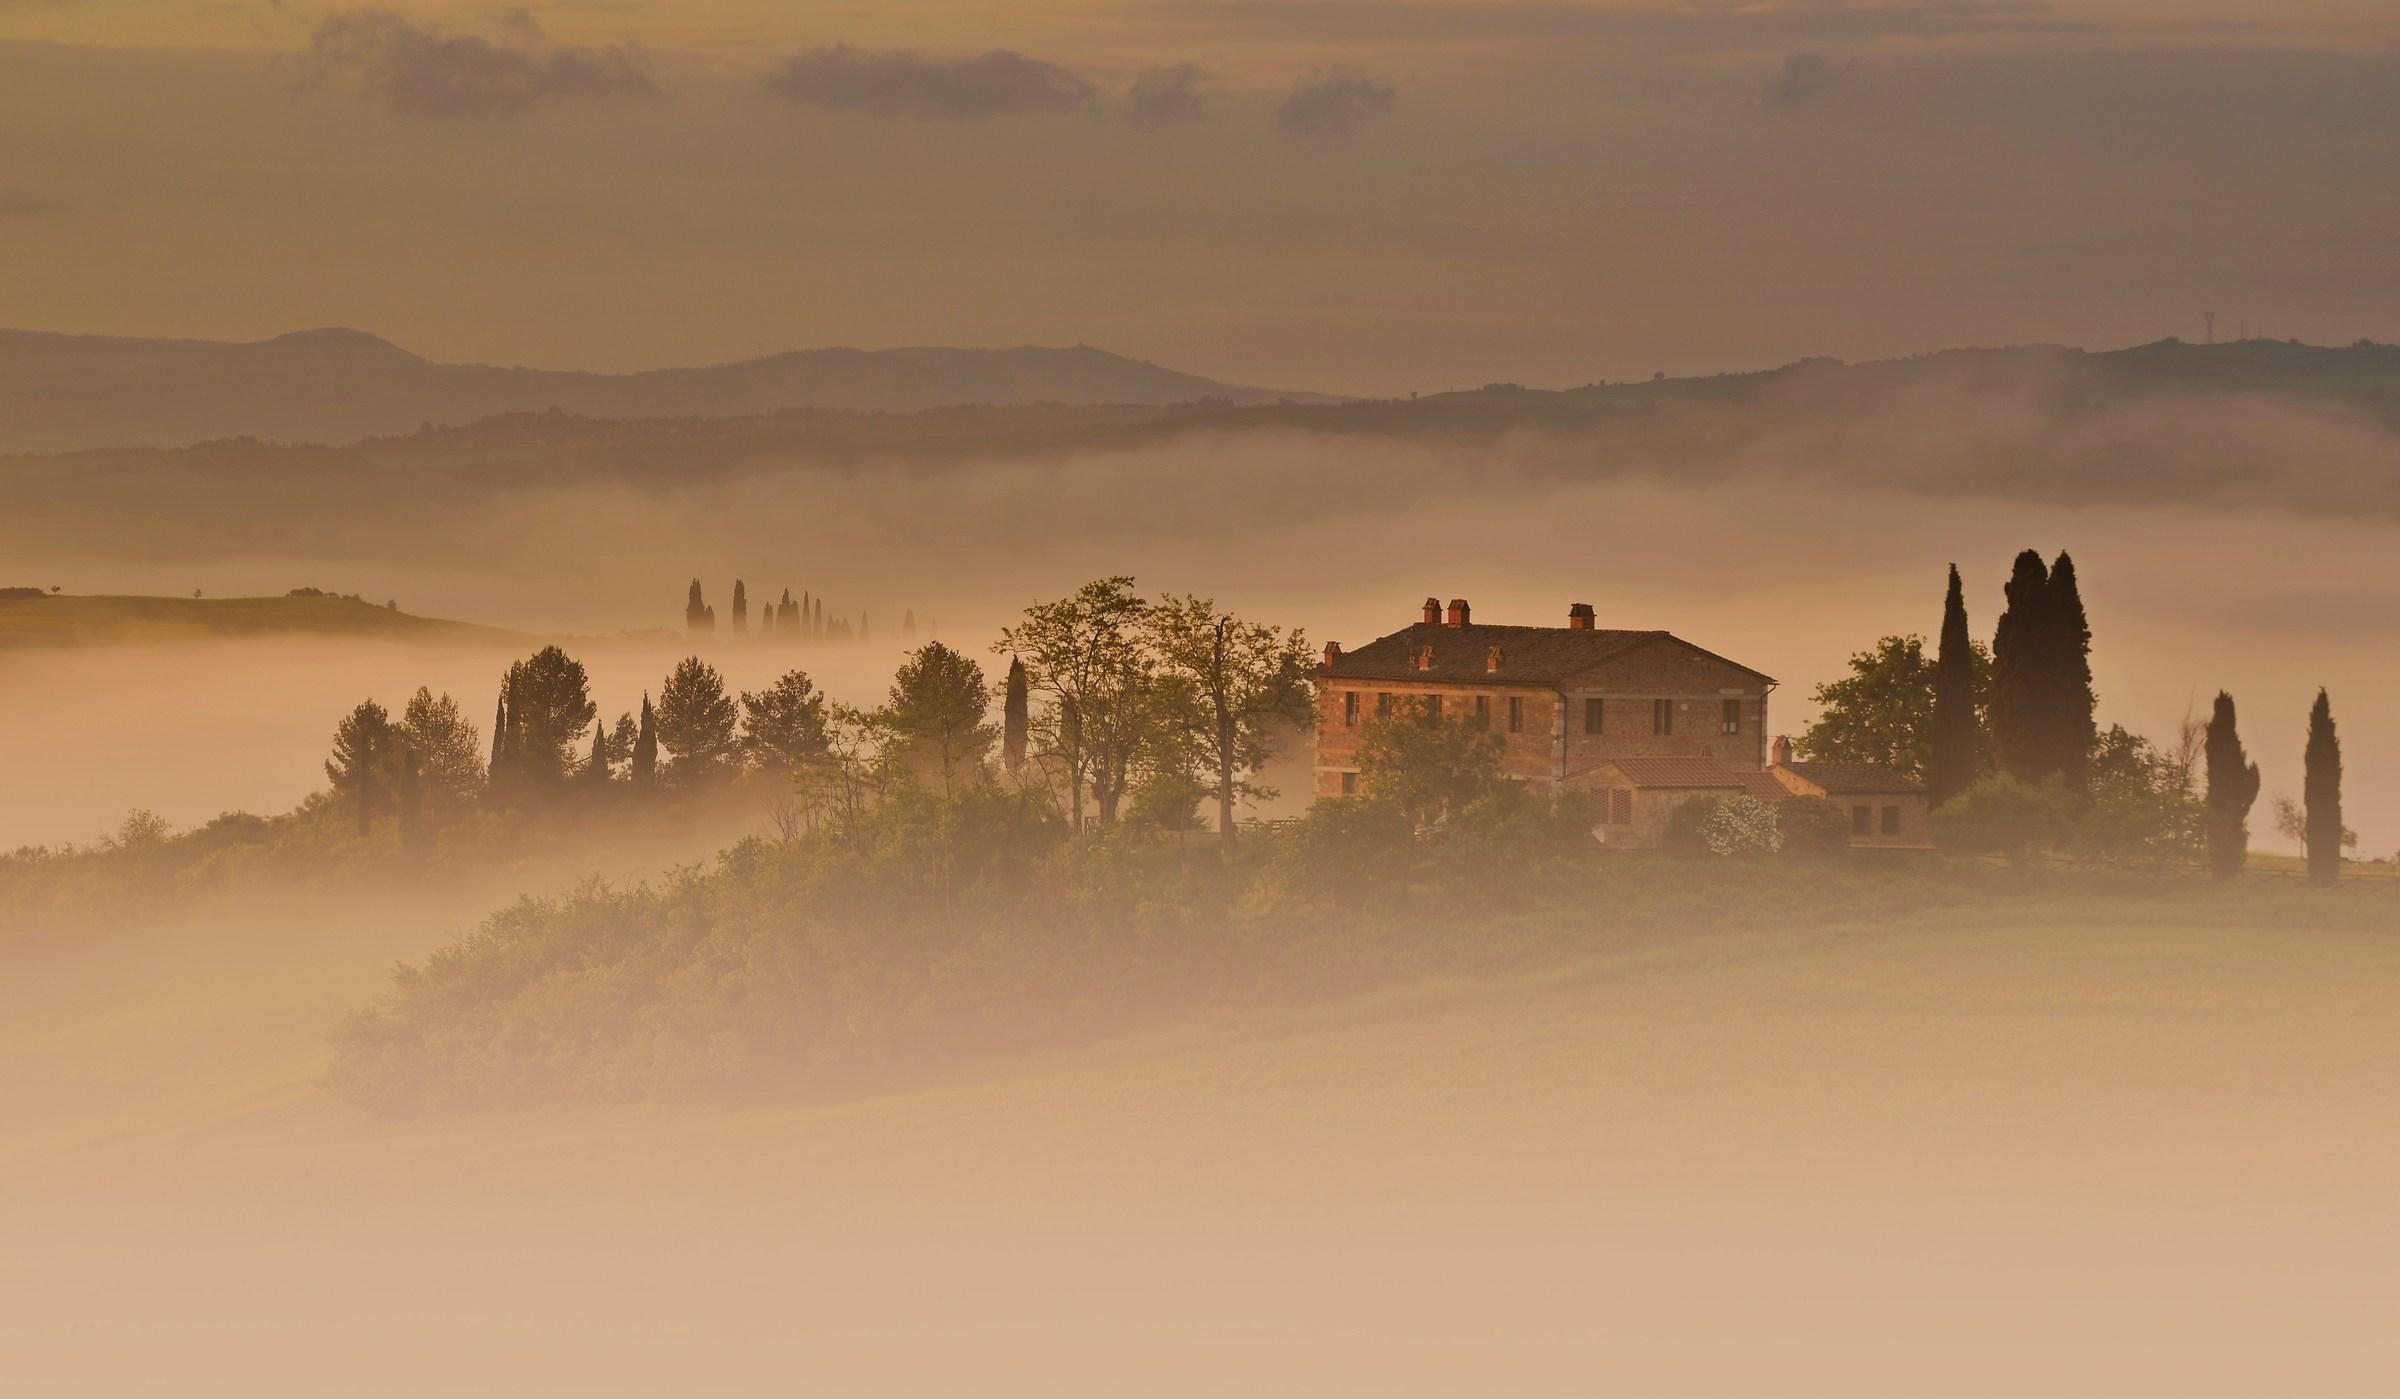 House in Fog...